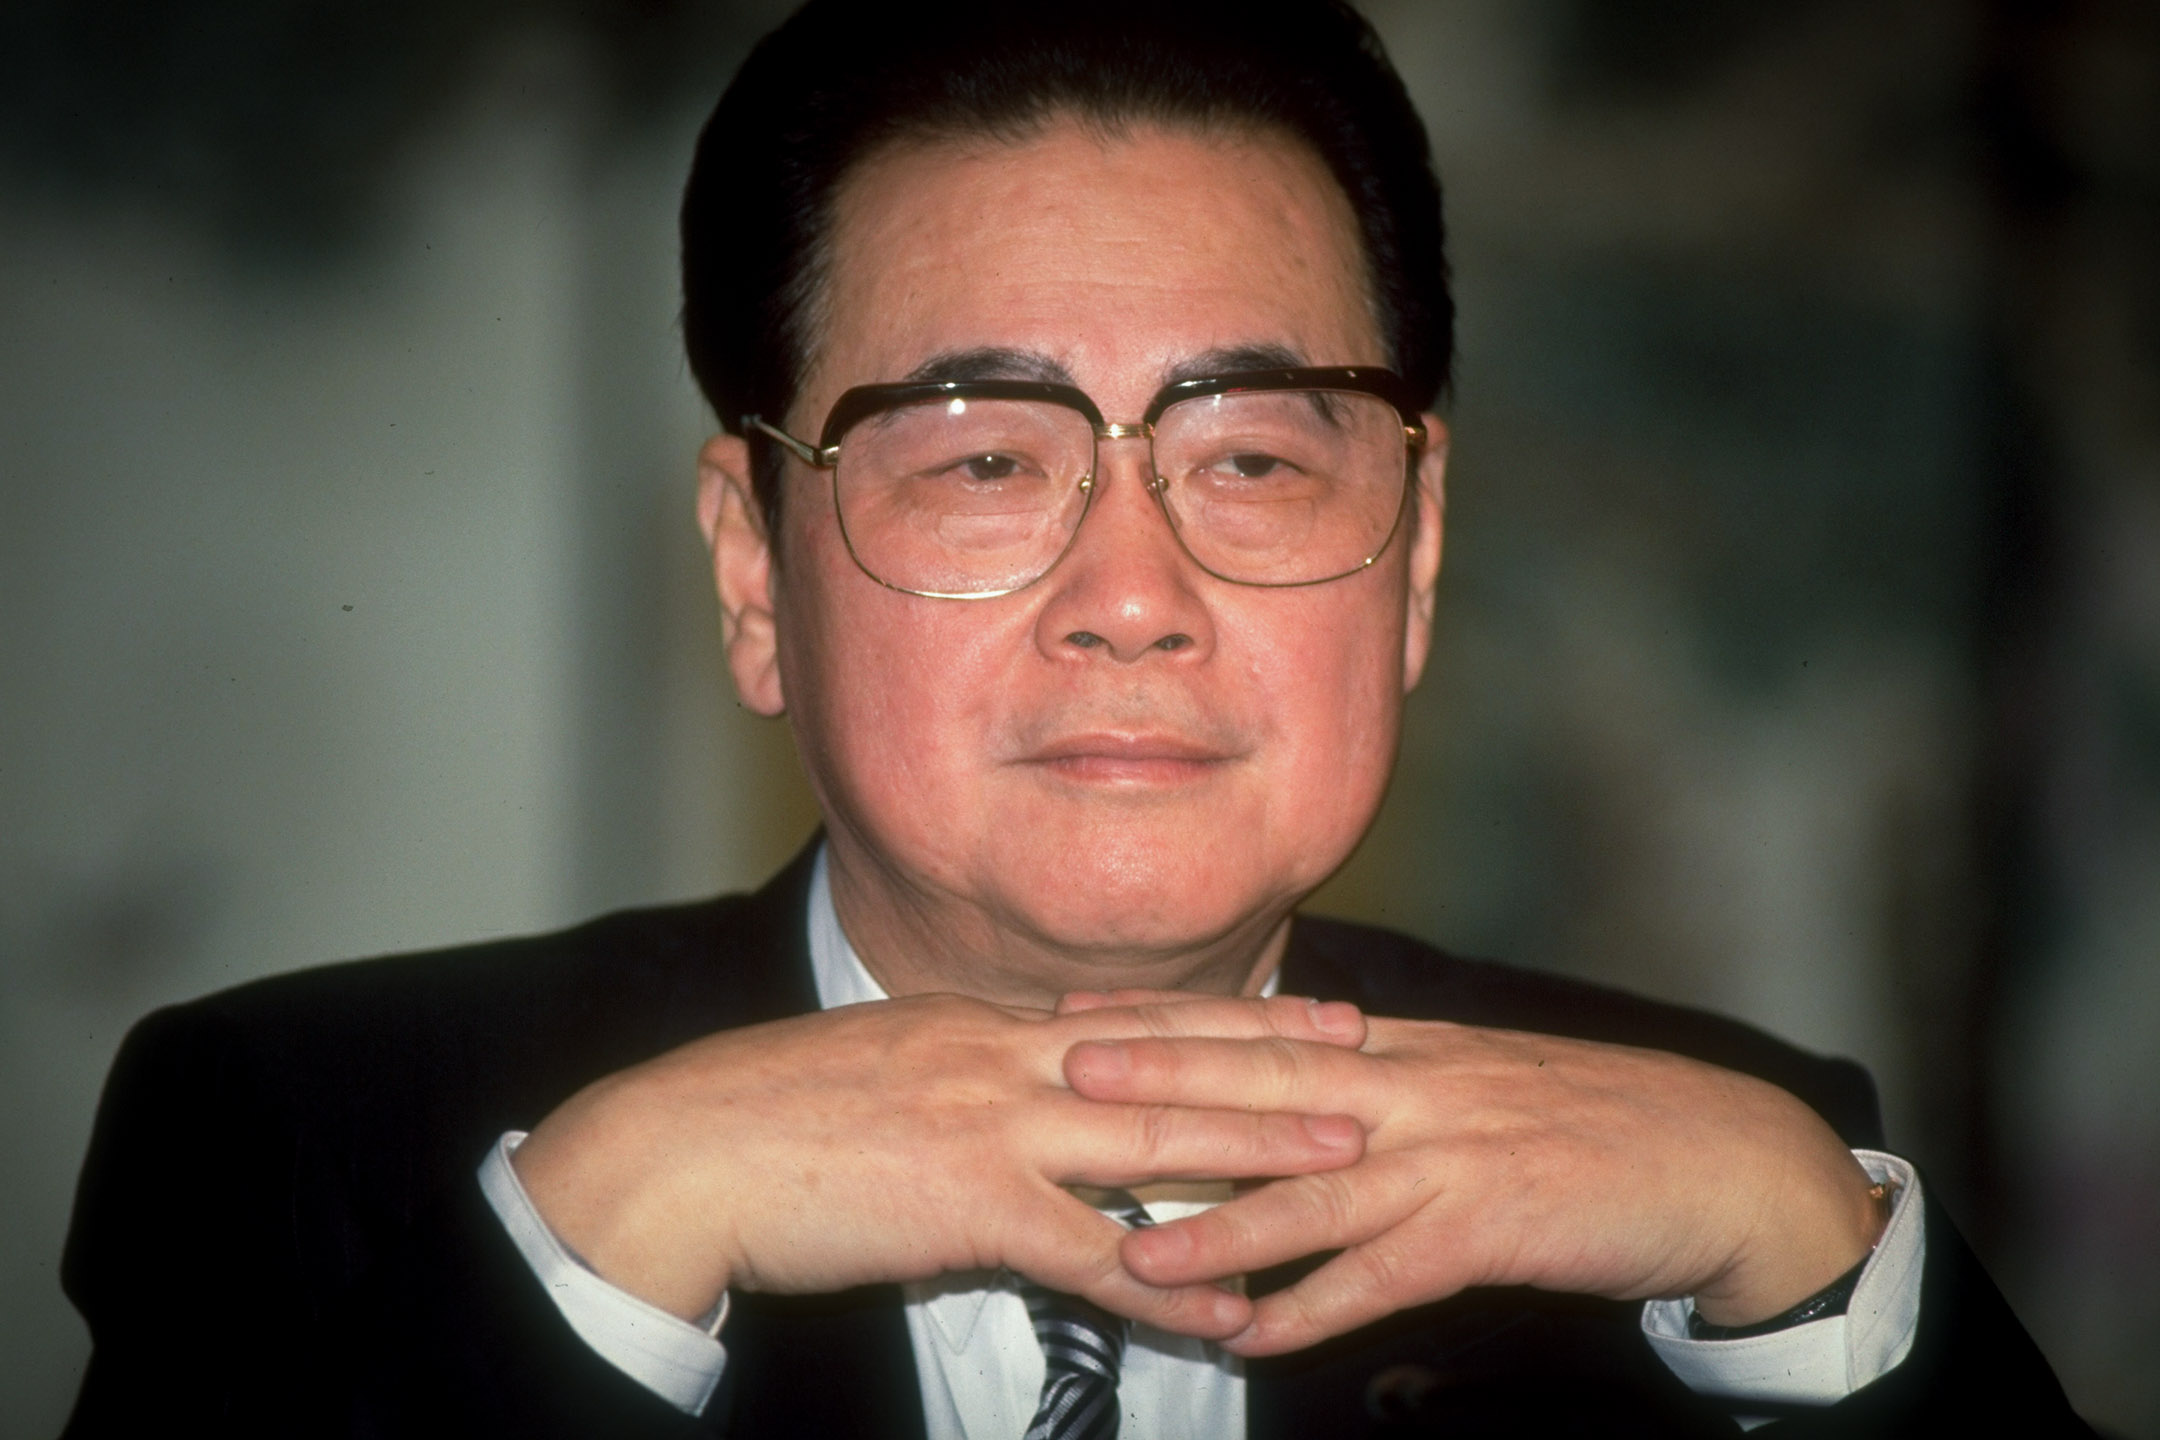 1993年3月第八屆全國人民代表大會期間中國國務院總理李鵬。 攝: Forrest Anderson/The LIFE Images Collection via Getty Images